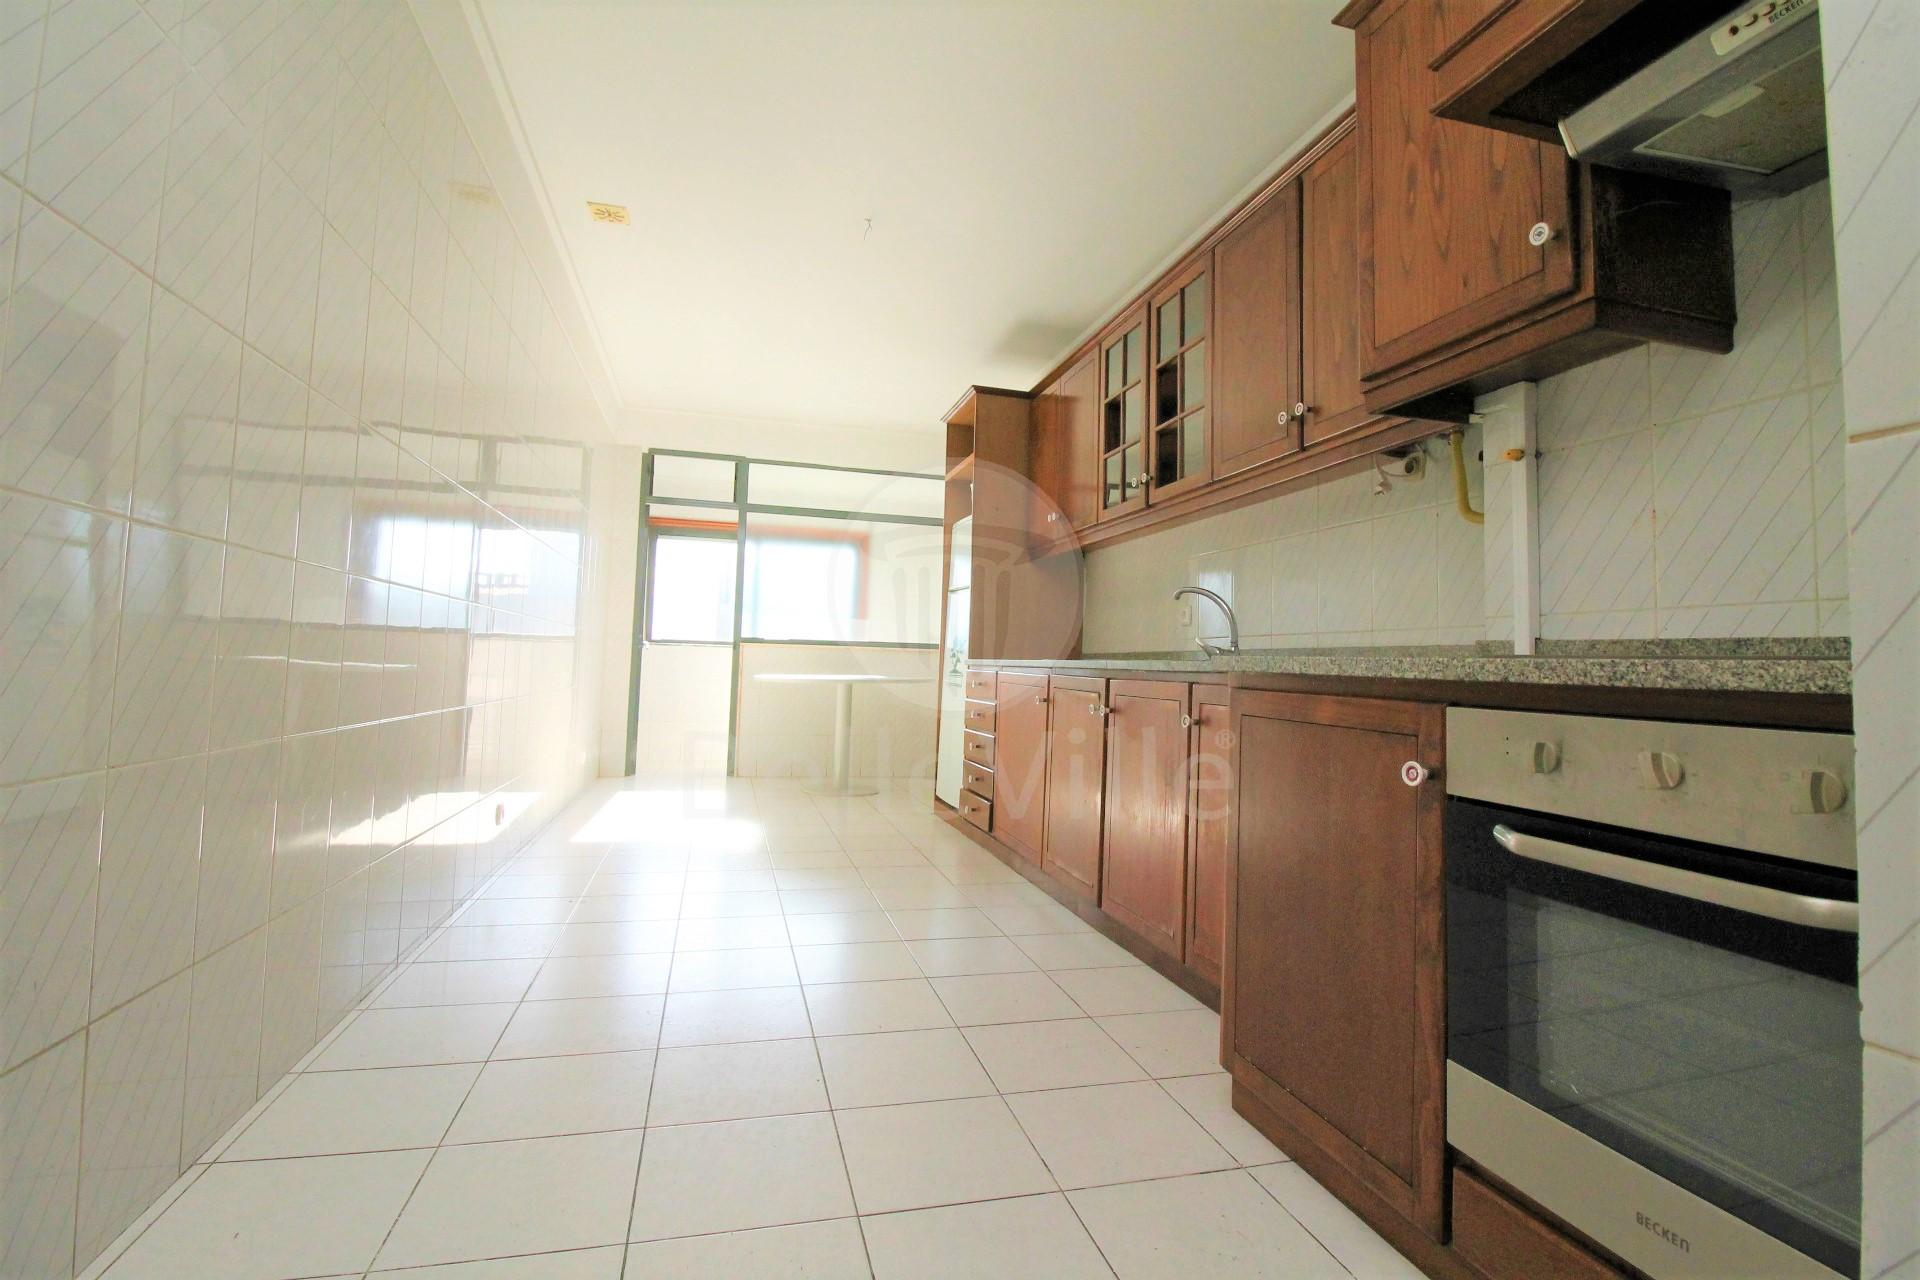 Apartamento T3 para arrendar próximo ao Braga Parque